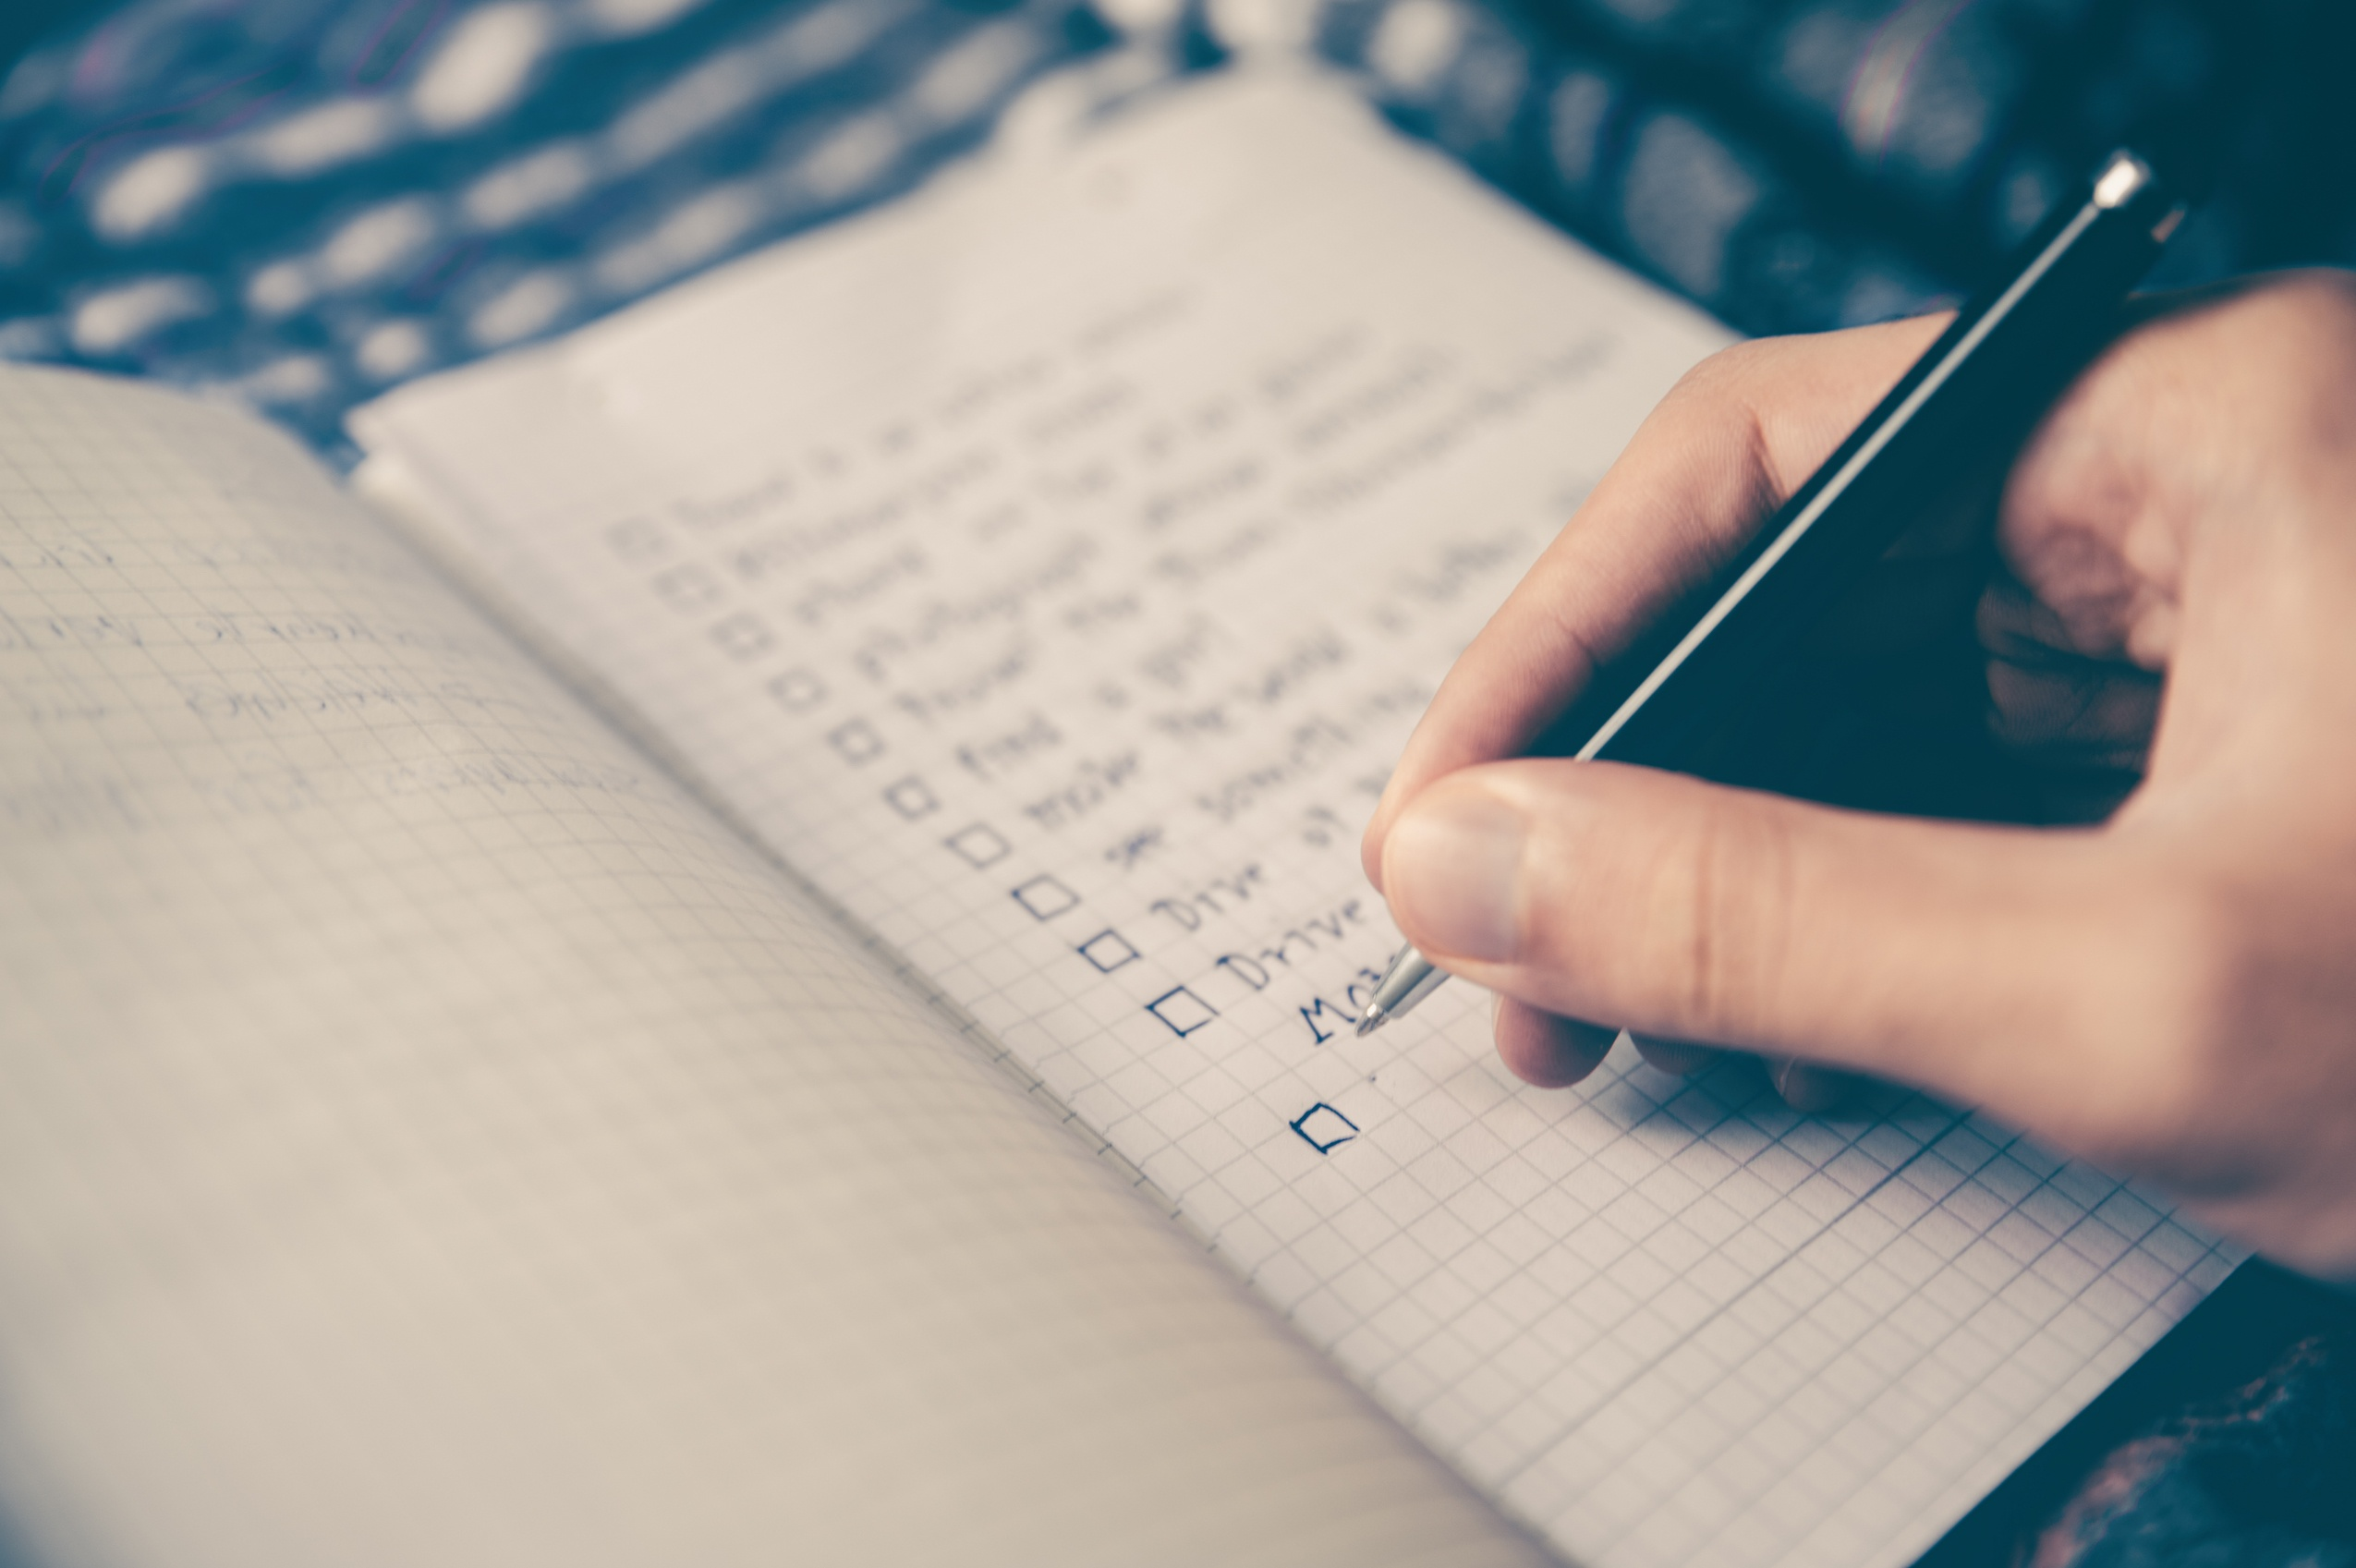 Monikanavainen palvelumalli kuntoon – 6 kohdan tarkistuslista